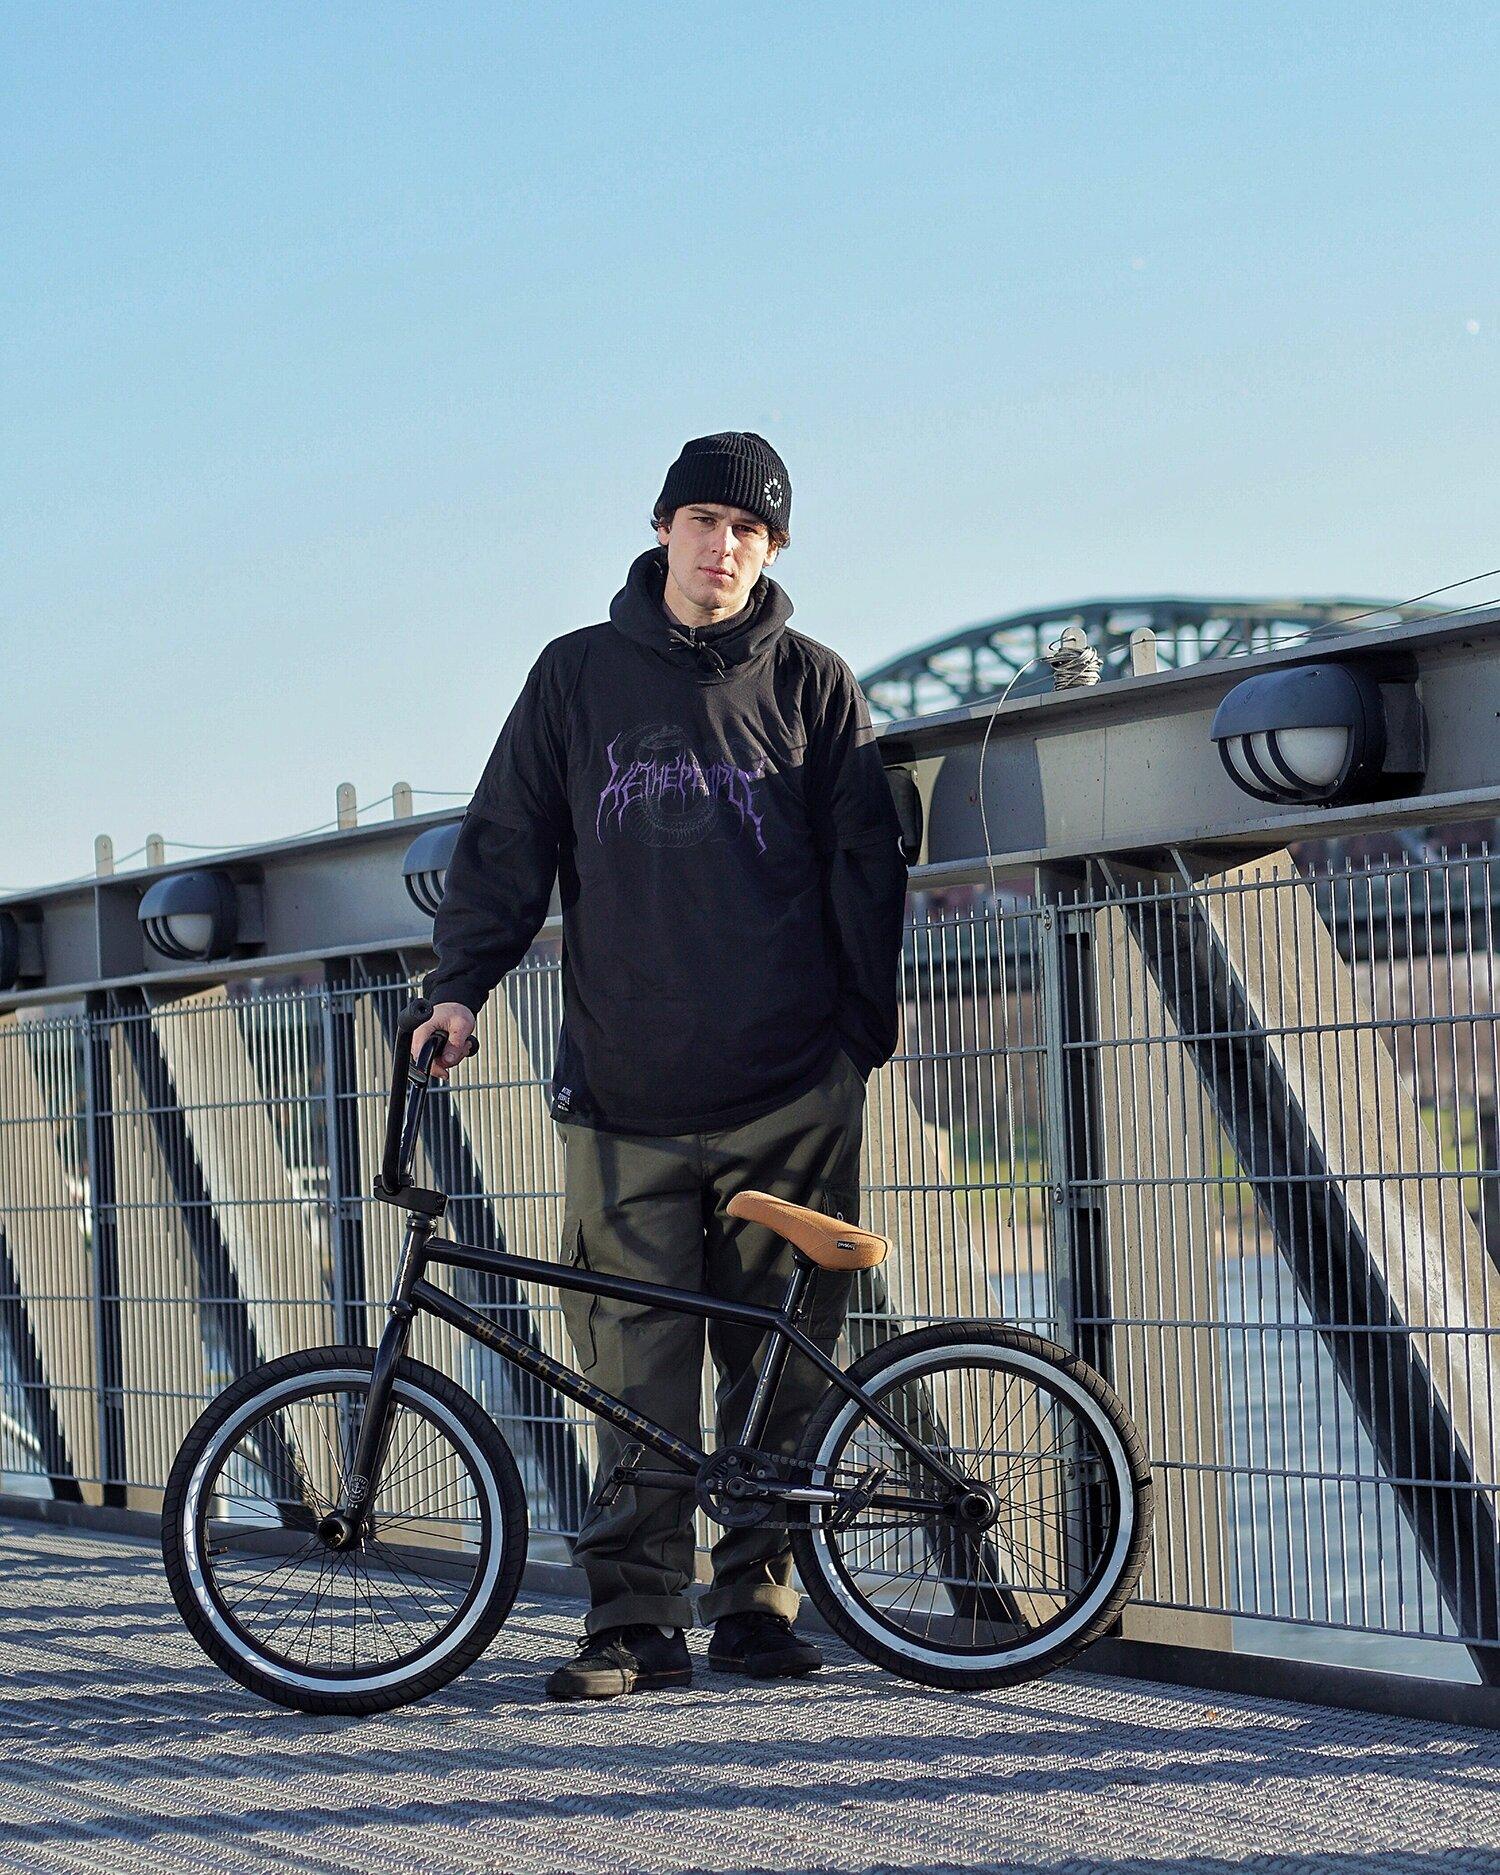 Tom Weikert Bike Check + Video